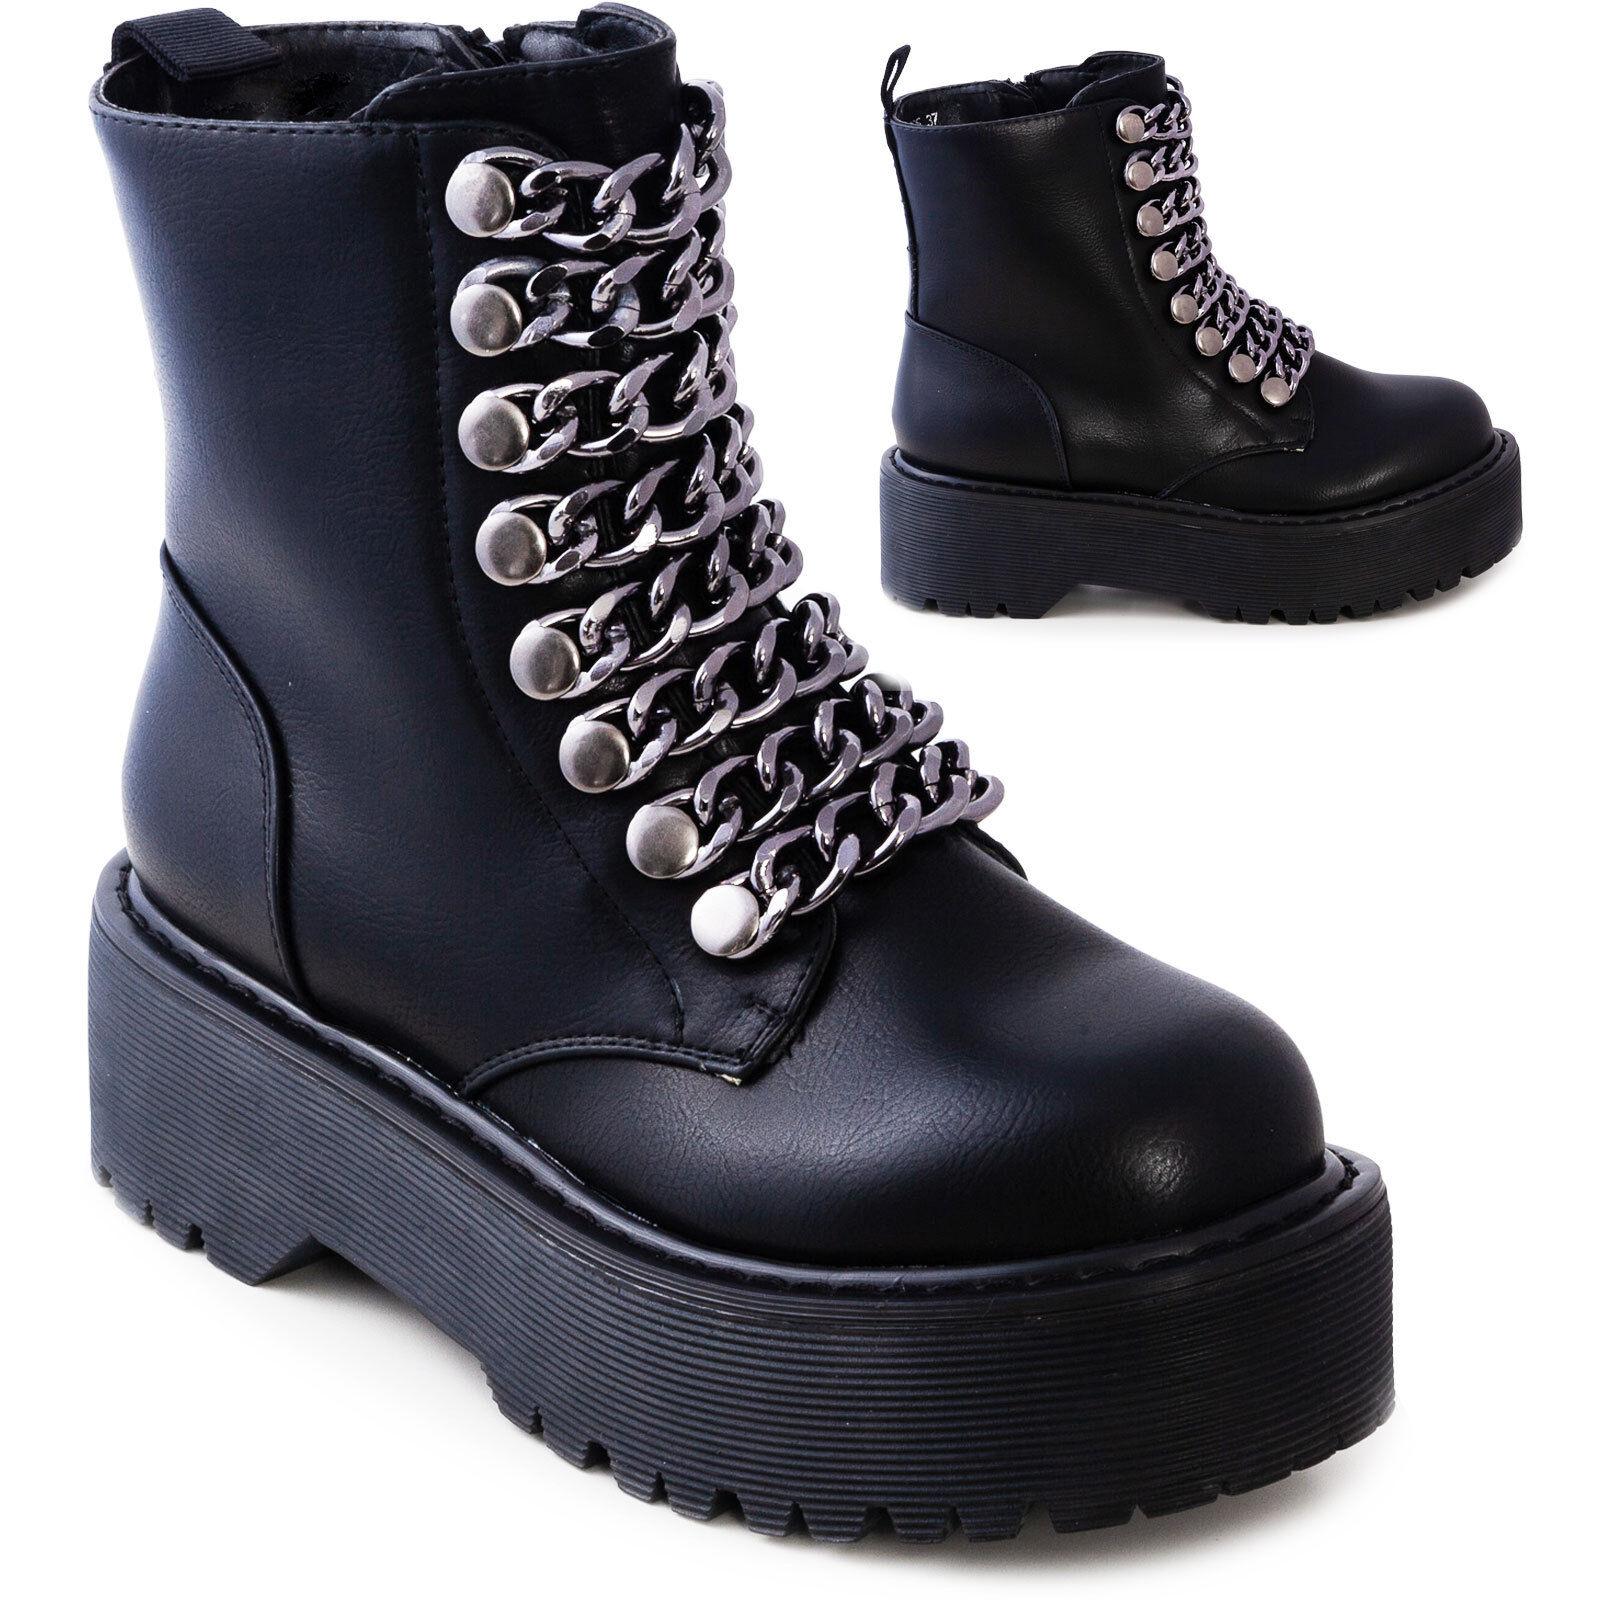 Femmes chaussures bottes rangers biker chaîne semelle reinforcée platform G525